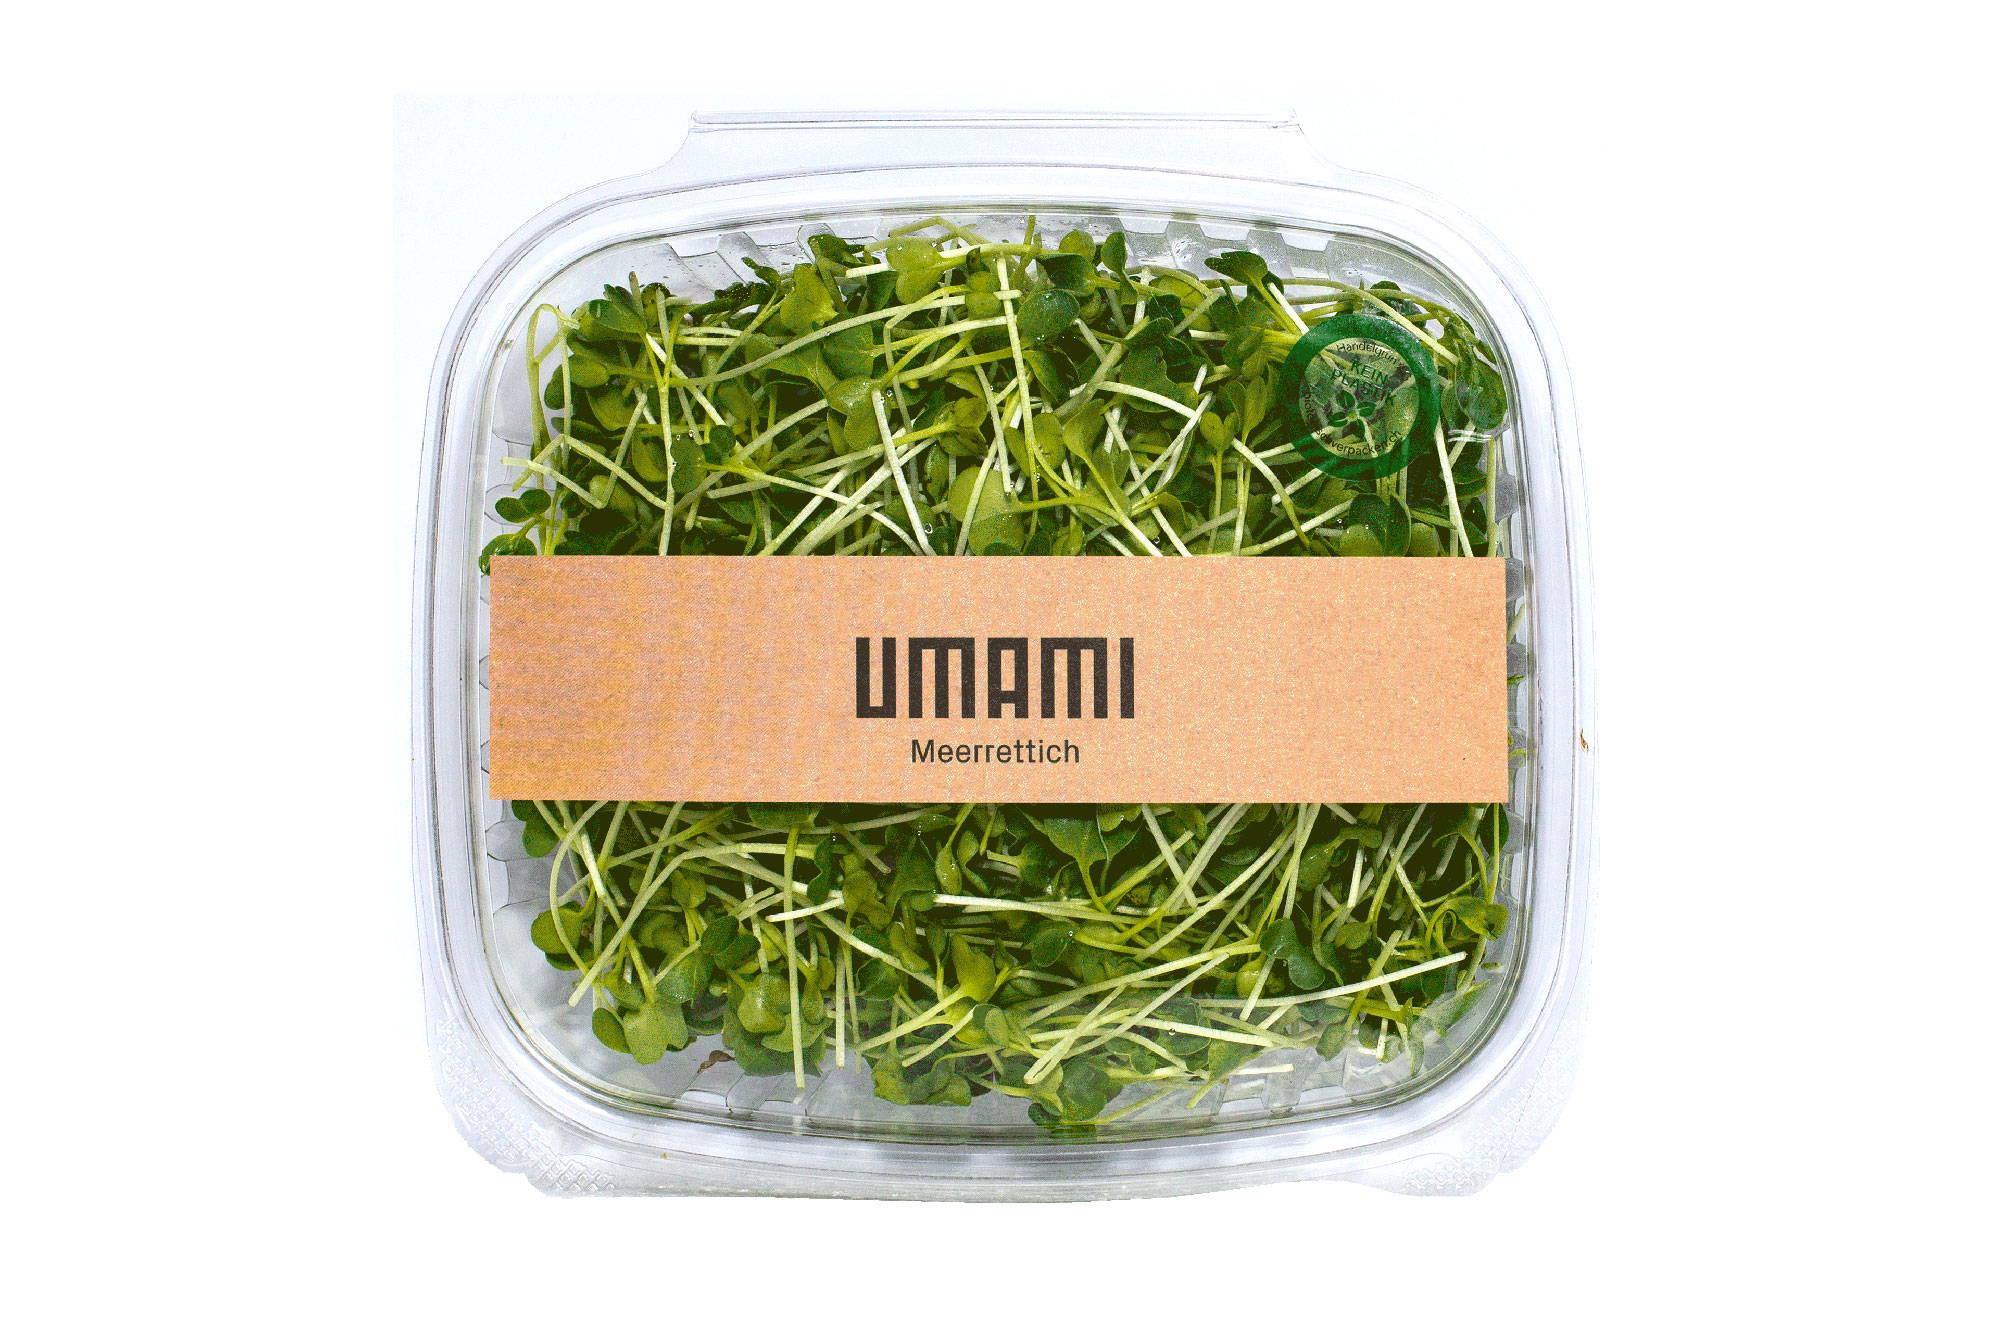 PLA Packung UMAMI Microgreens für die Gastronomie.